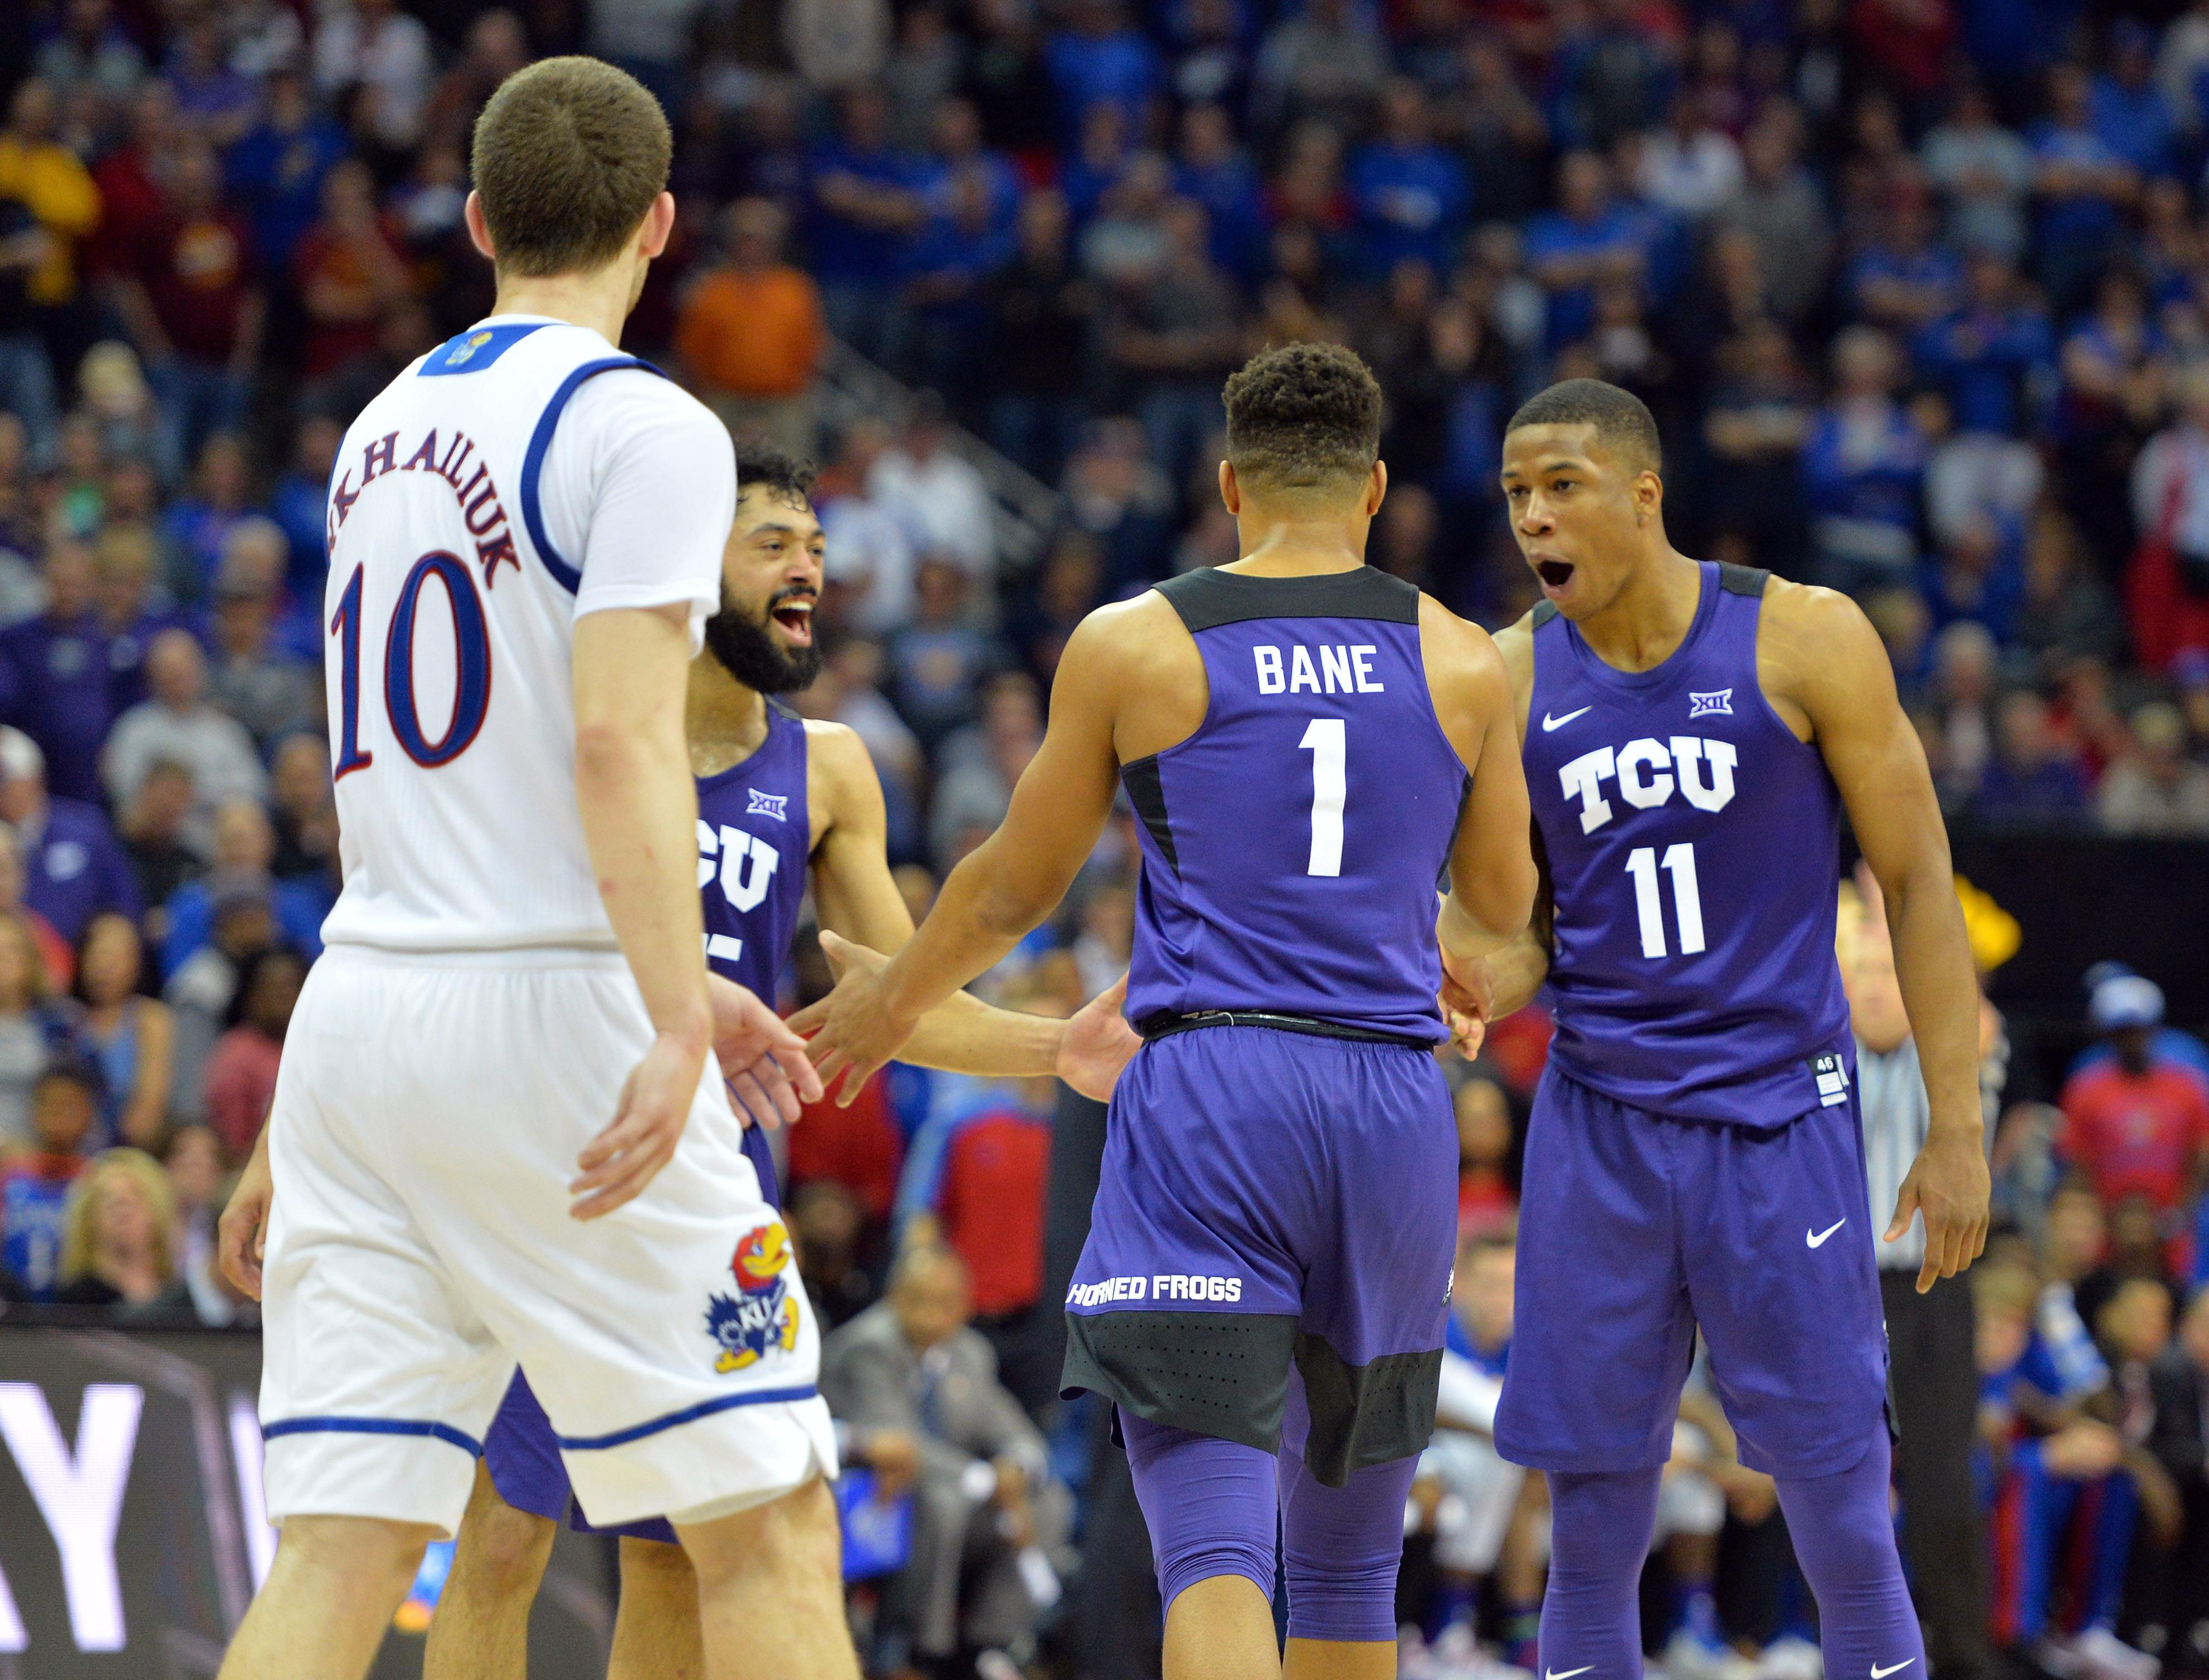 NCAA Basketball: Big 12 Championship-Kansas vs TCU